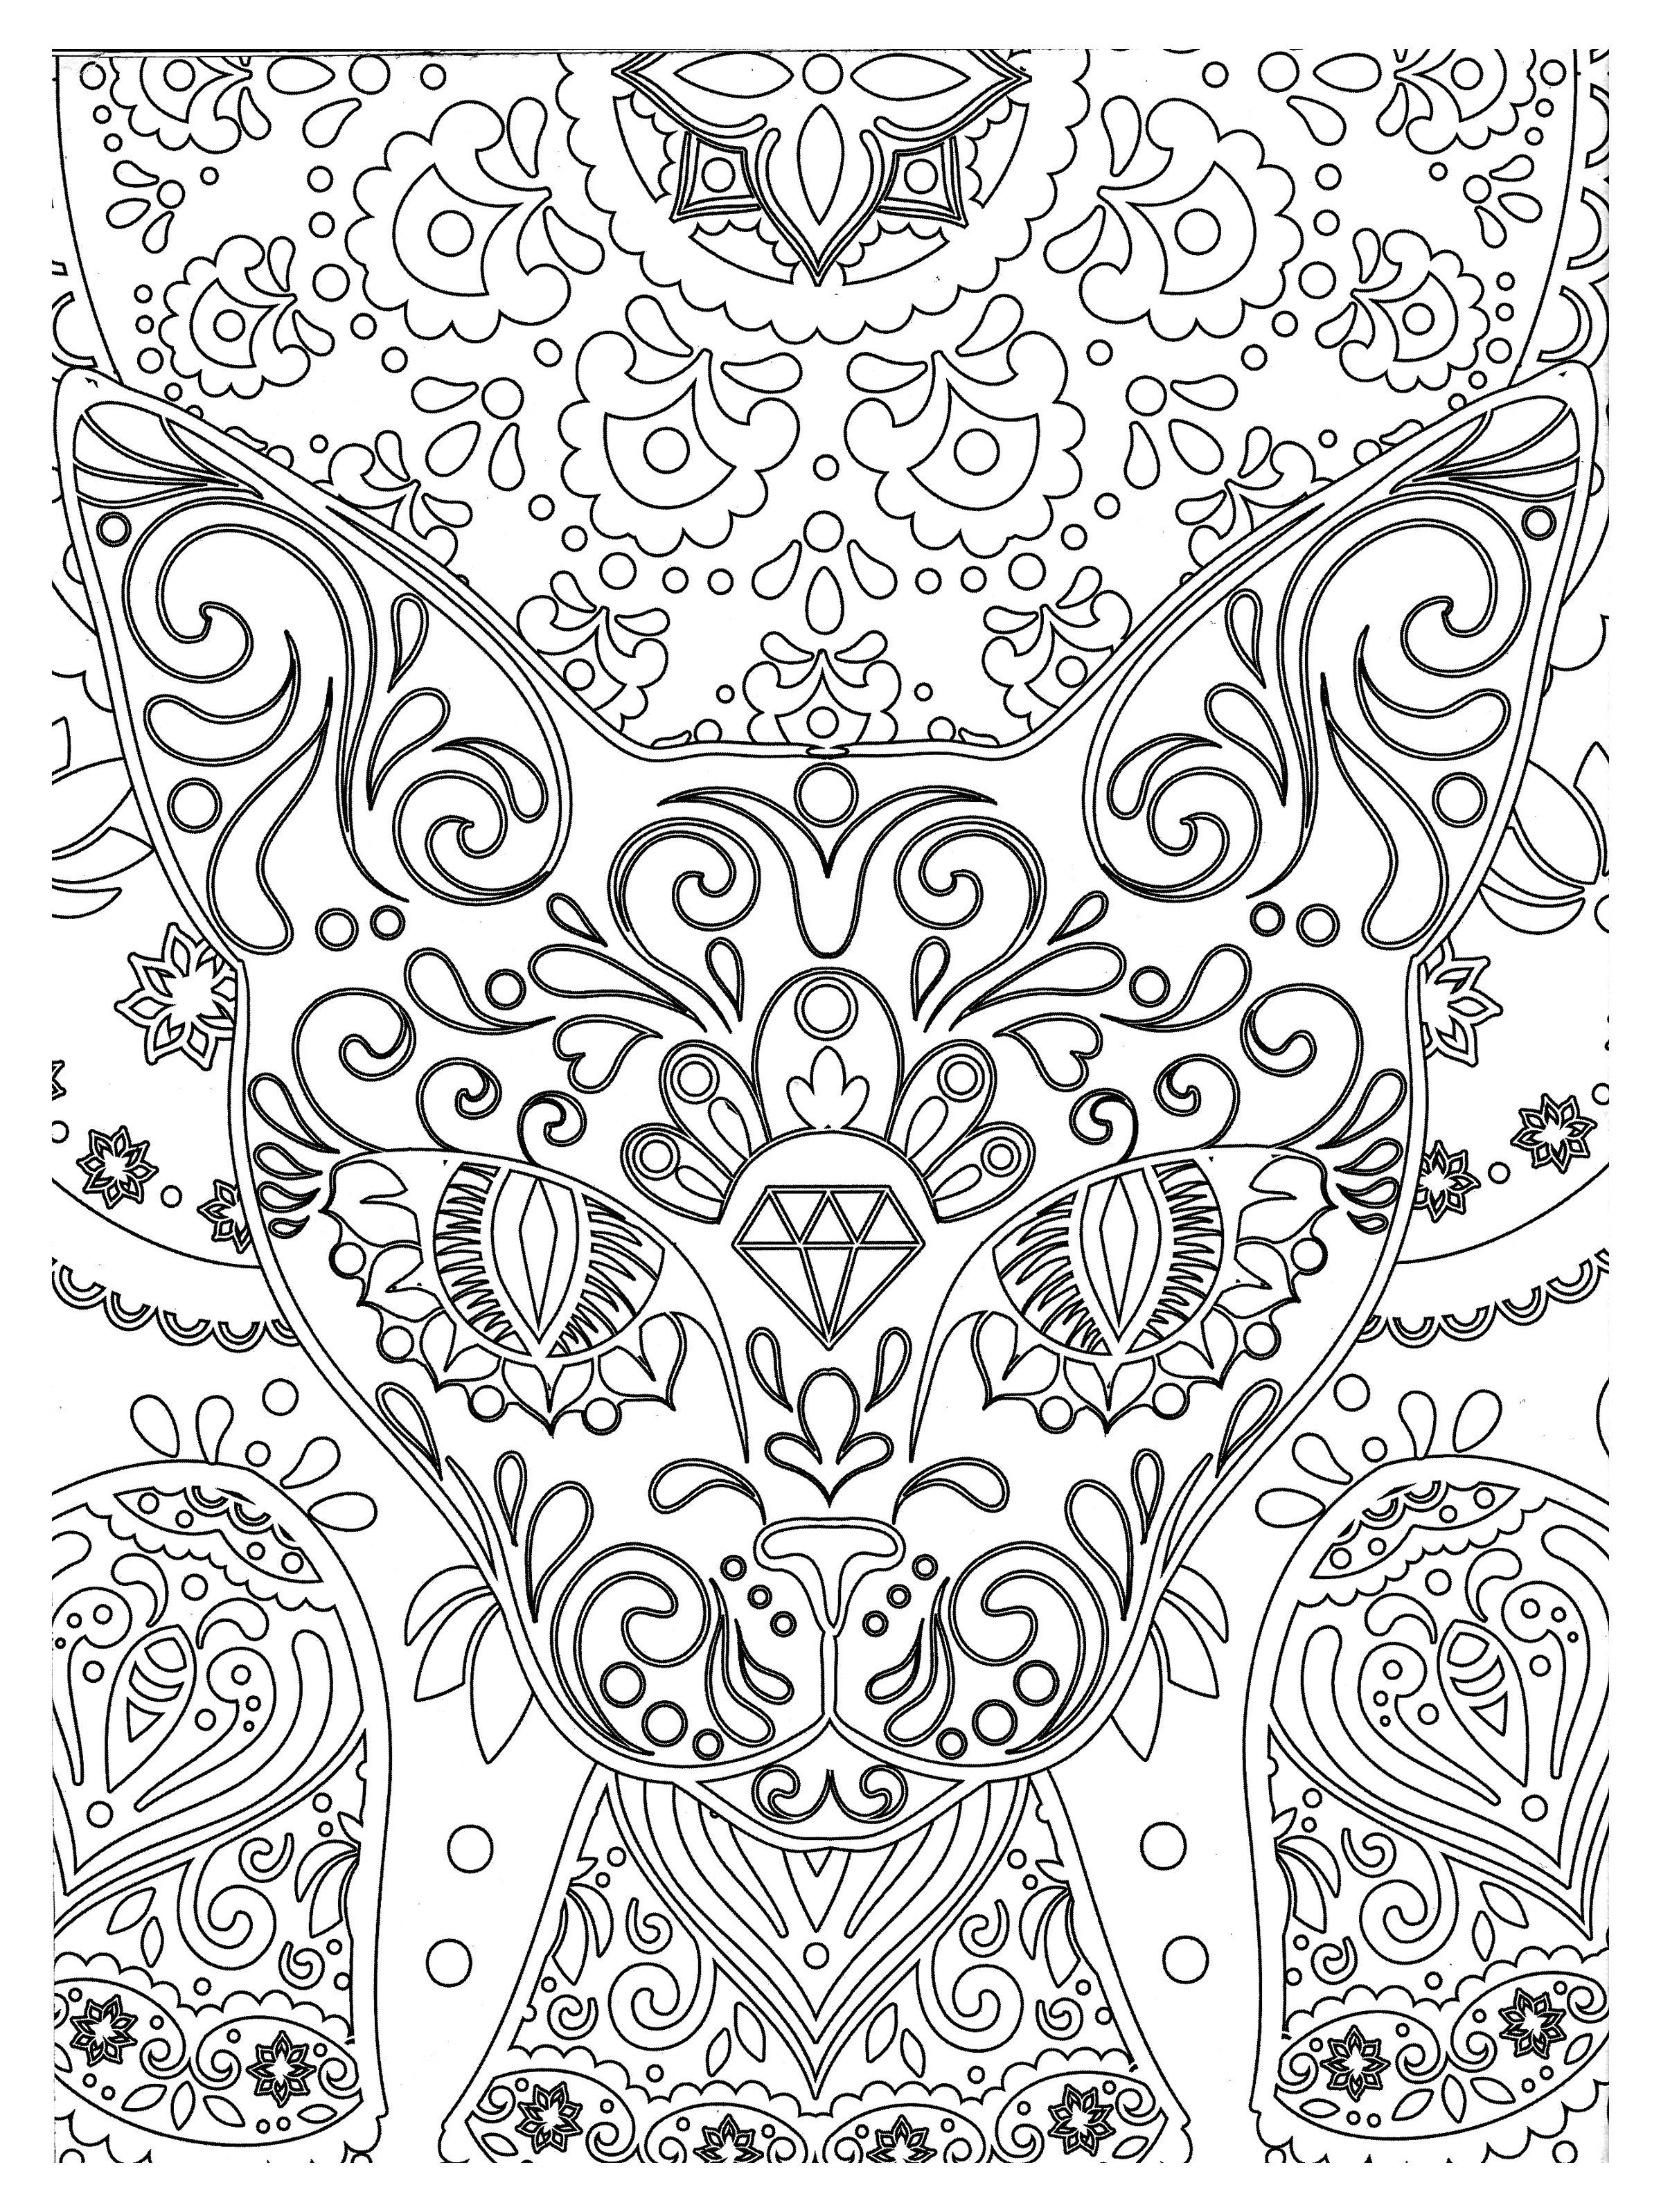 Art Therapy 30 Disegni Da Stampare E Colorare